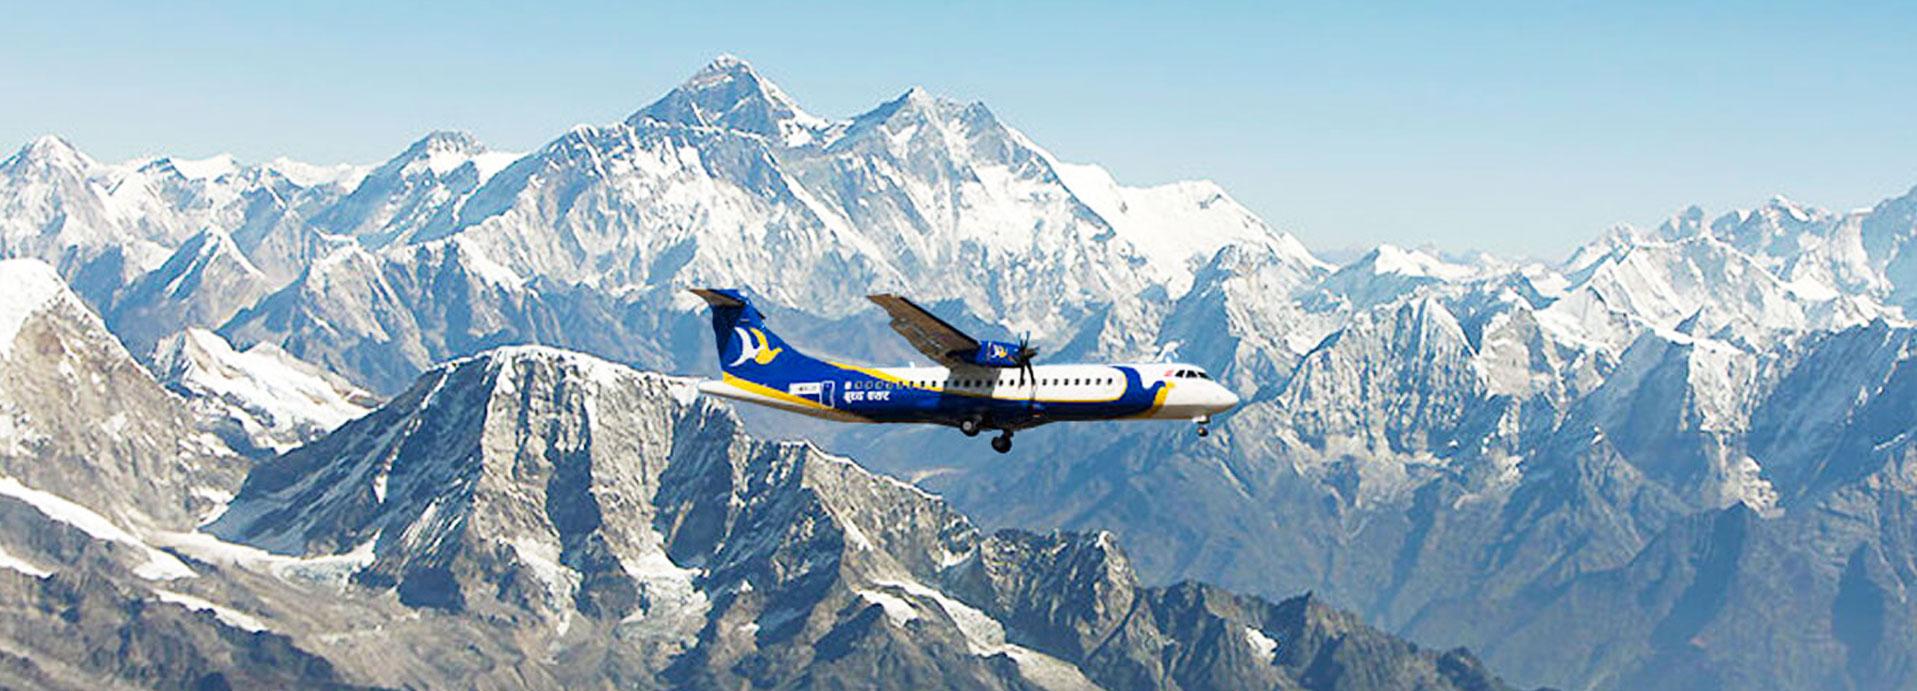 Mountain Flight Nepal